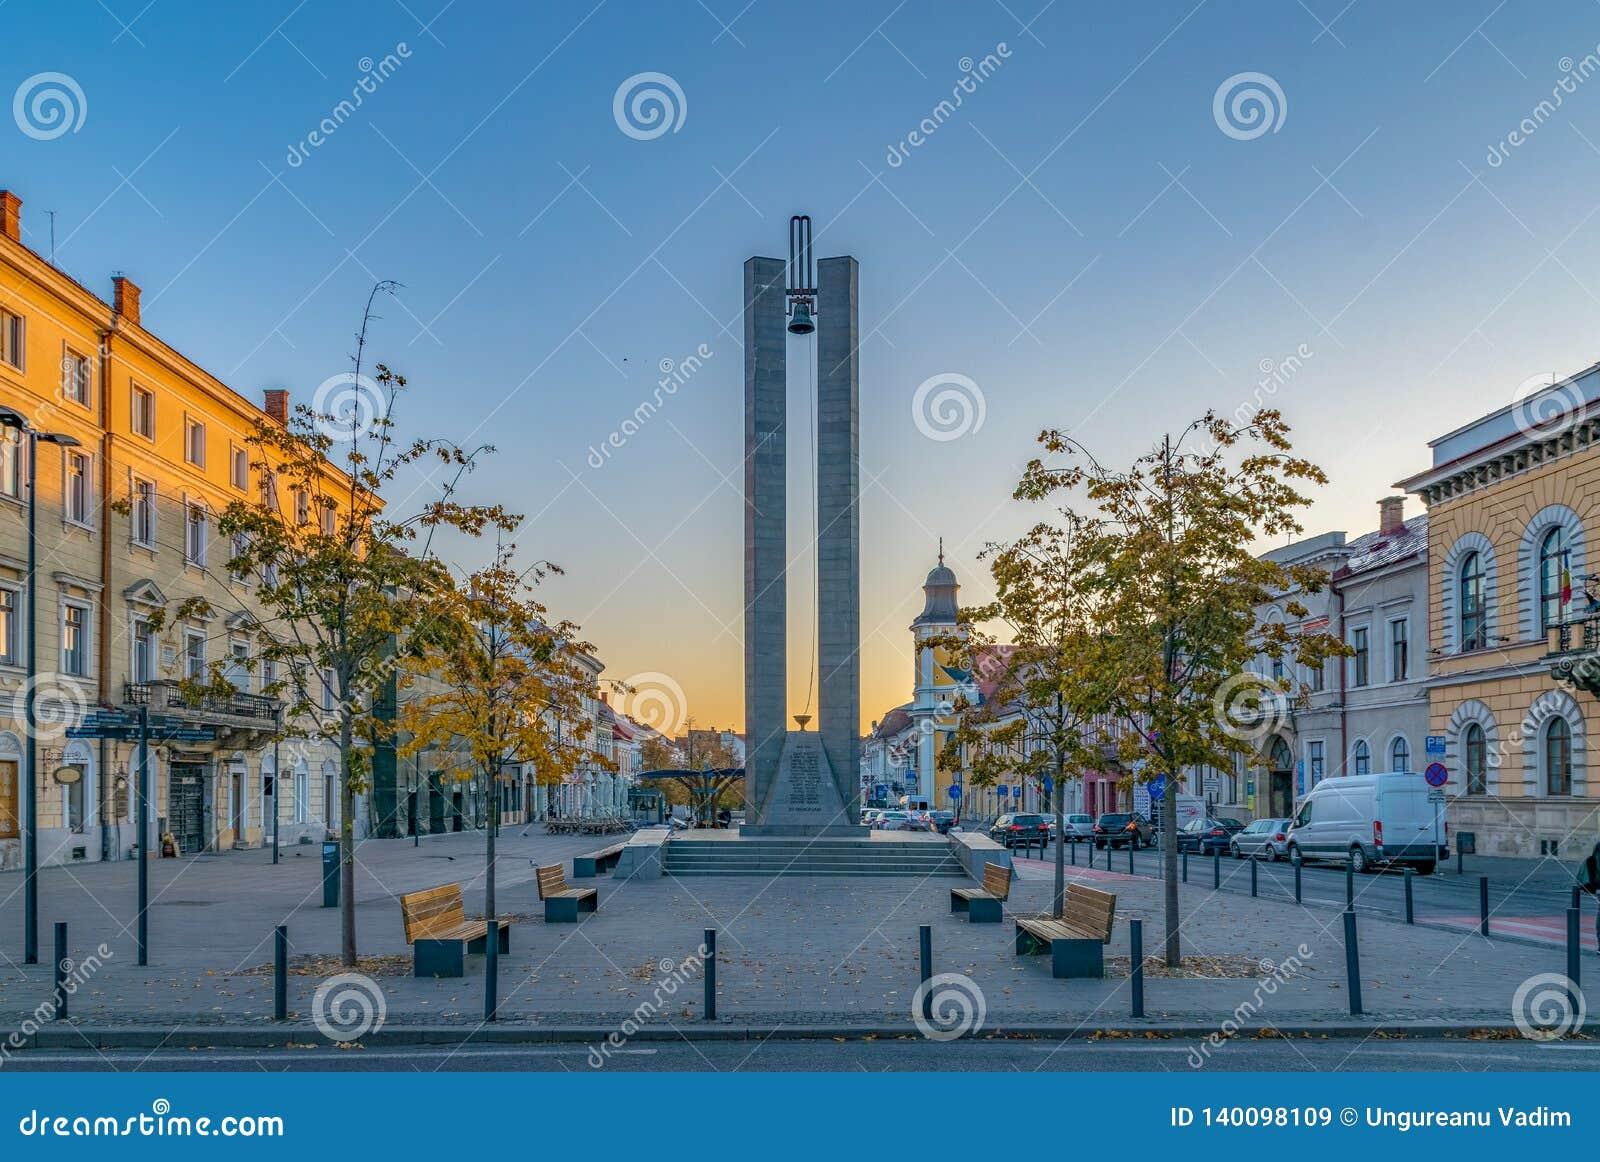 Monumento del memorándum en la avenida de Eroilor, la avenida de los héroes - una avenida central en Cluj-Napoca, Rumania